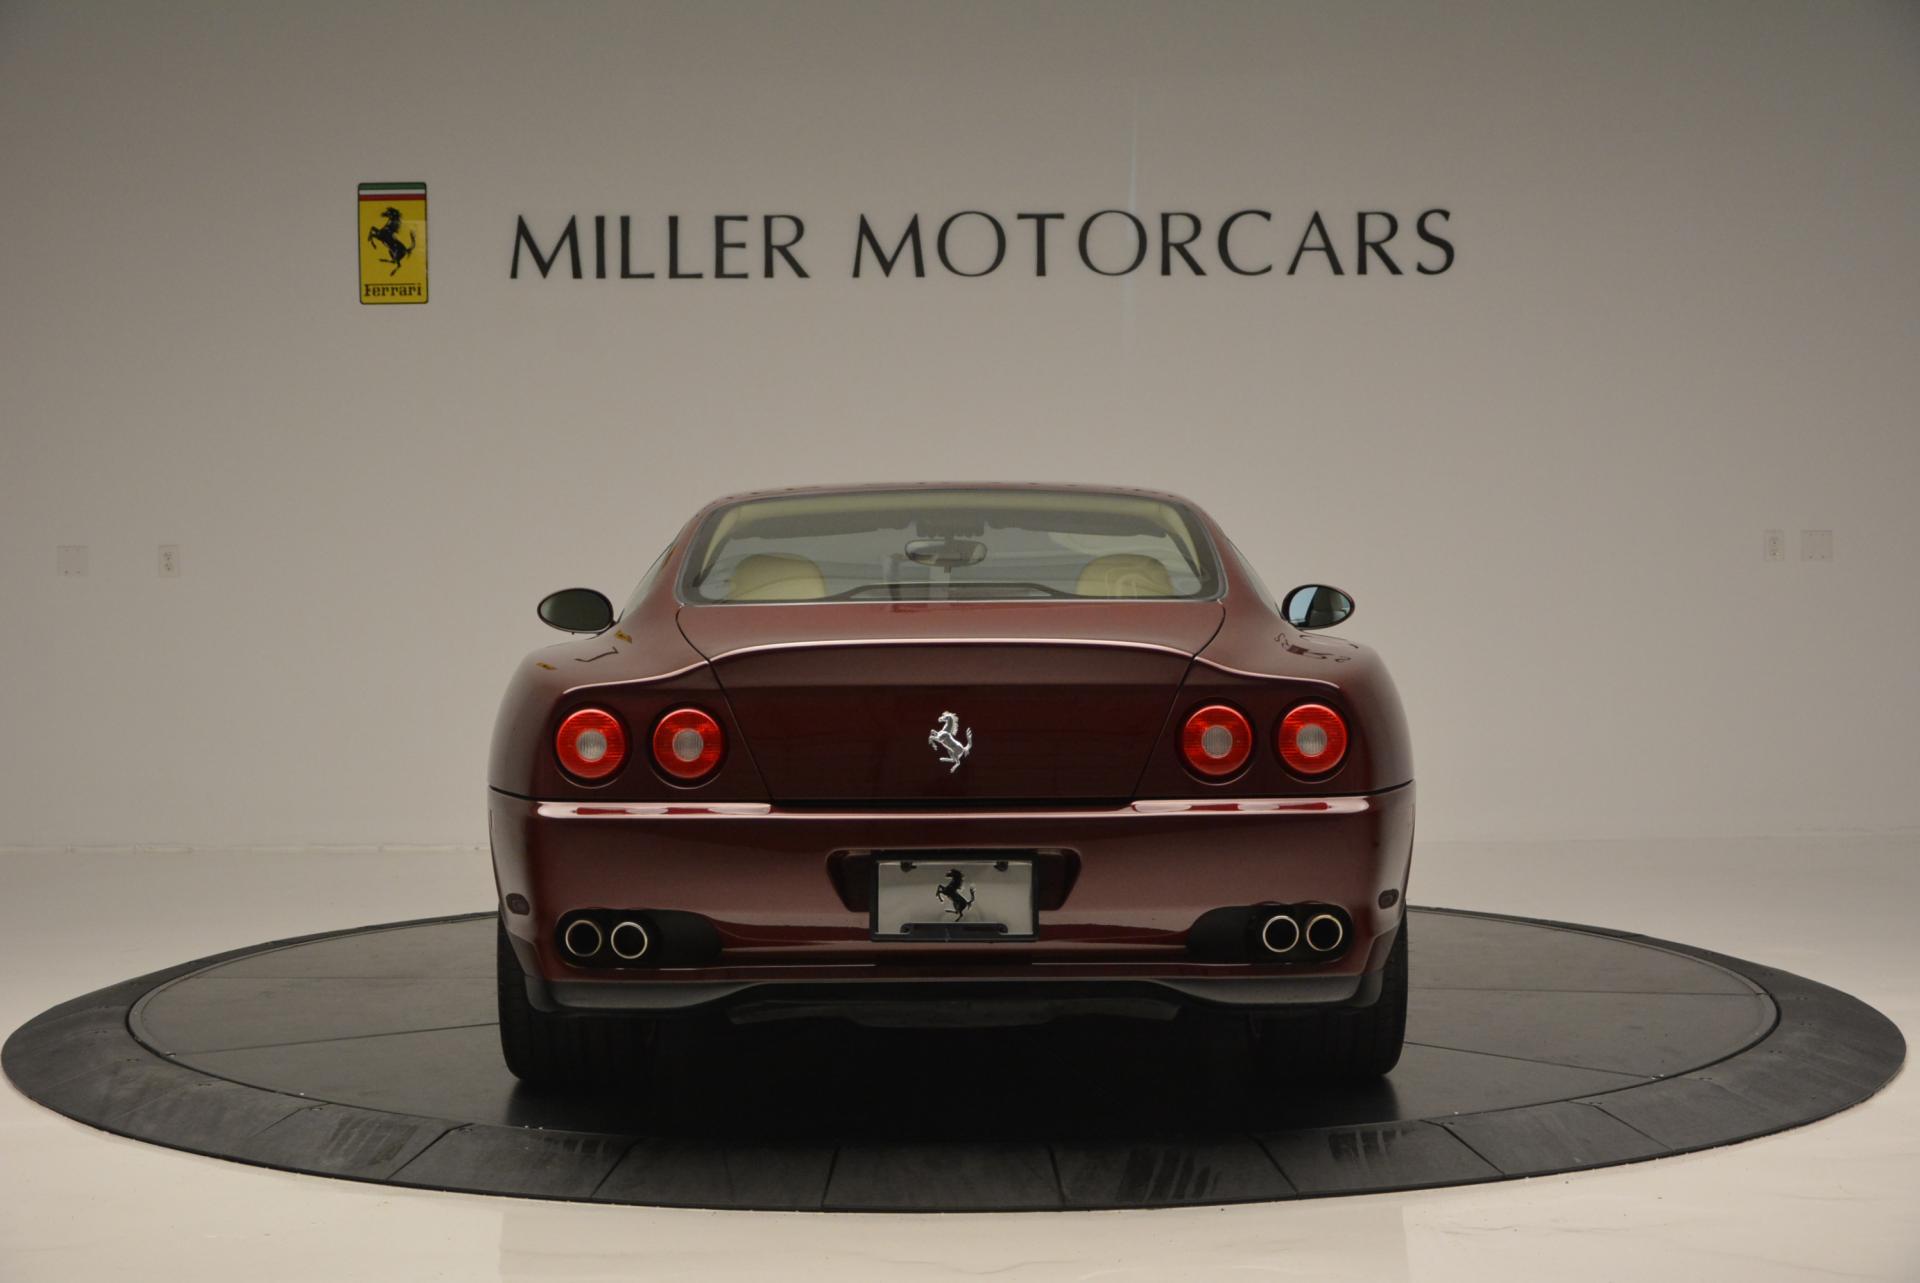 Used 2003 Ferrari 575M Maranello 6-Speed Manual For Sale In Westport, CT 143_p6